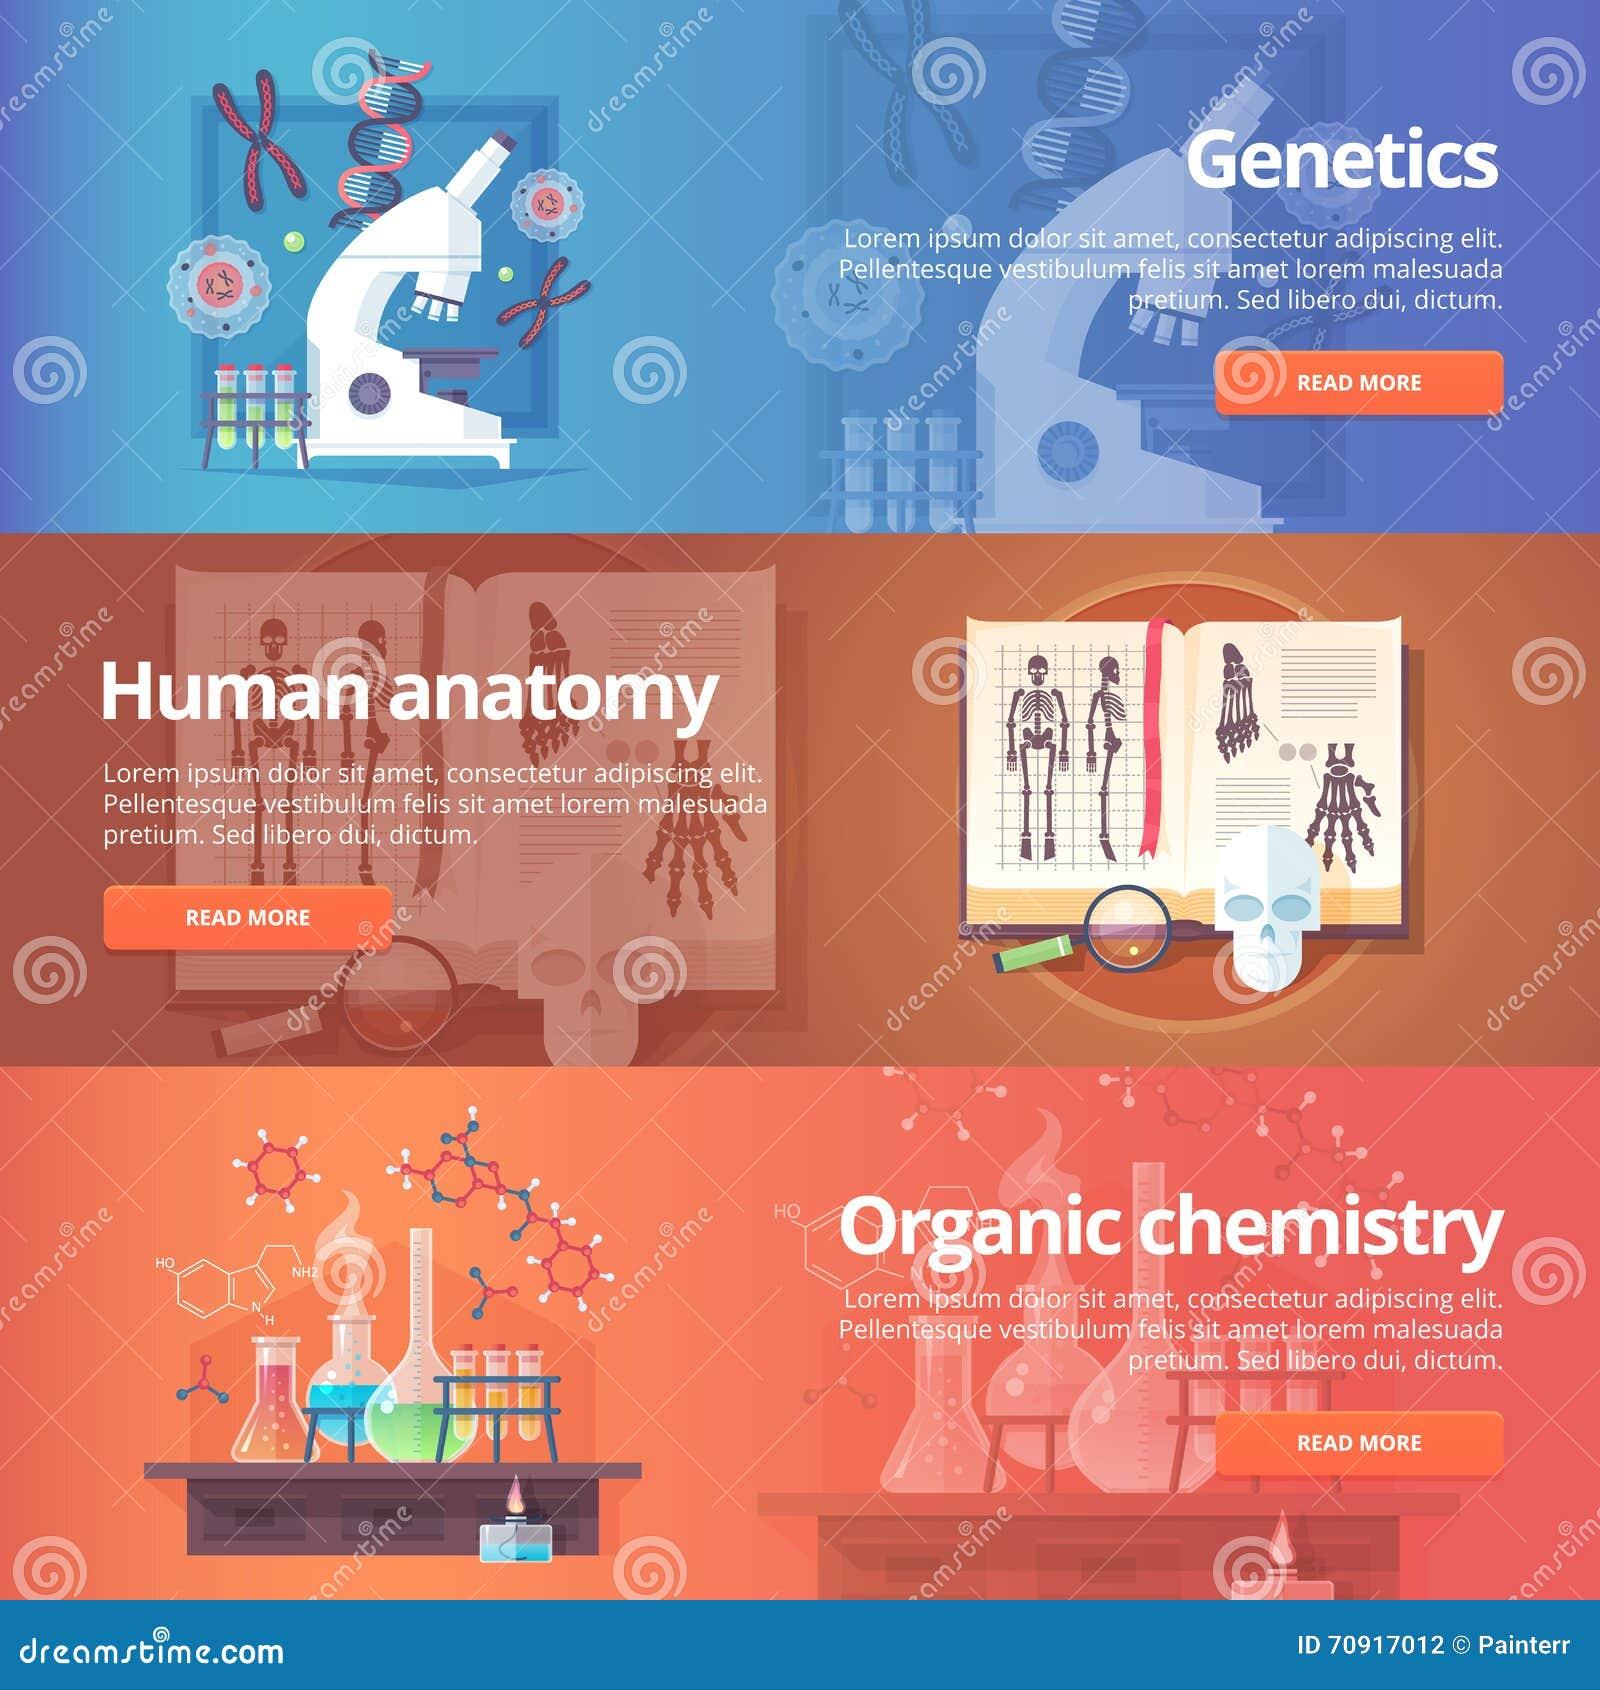 γενετική ΑΝΘΡΩΠΙΝΟ ΓΟΝΙΔΙΩΜΑ Ανθρώπινη ανατομία